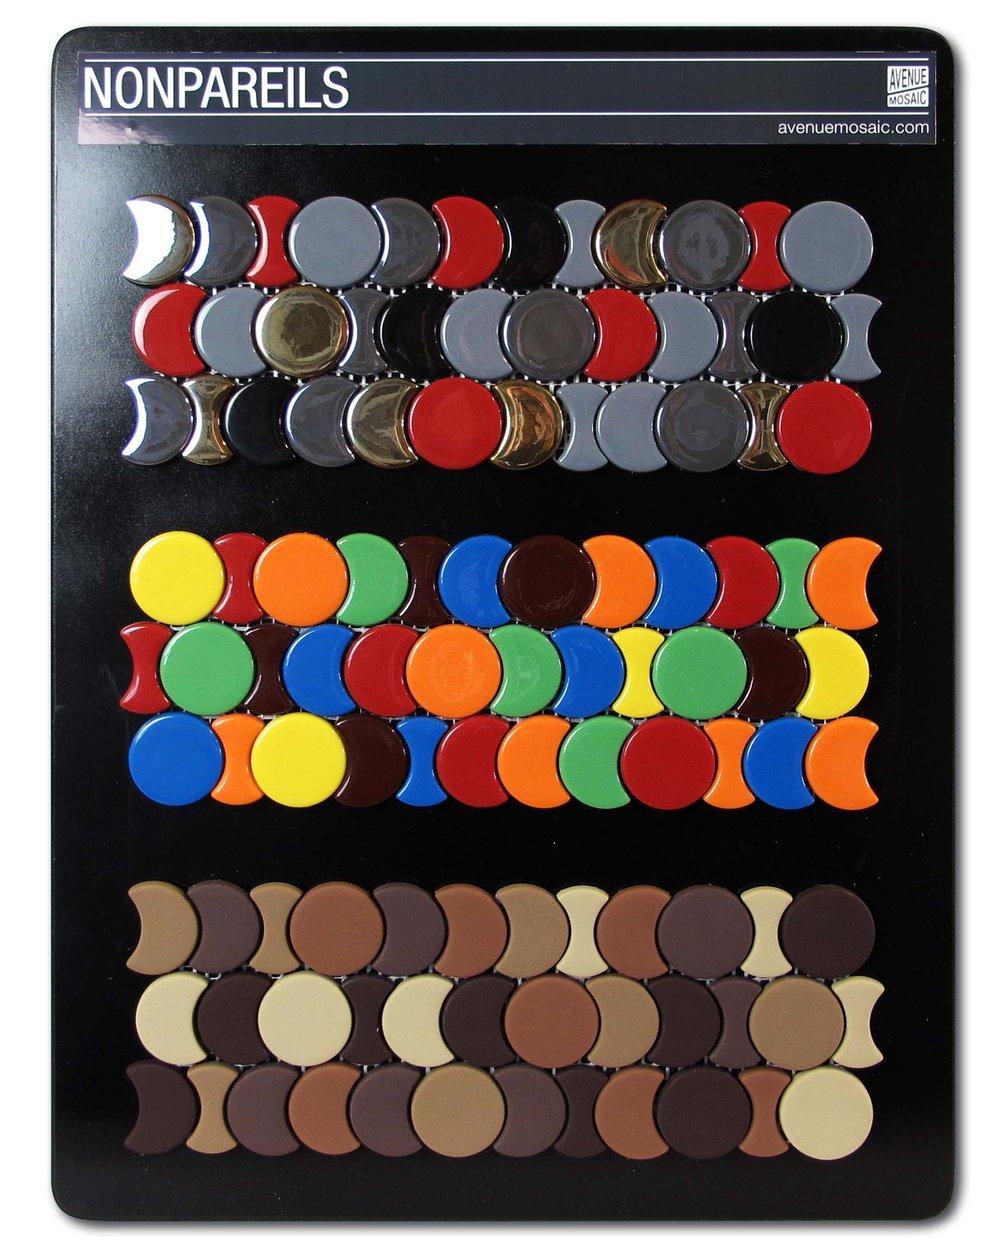 Nonpareils A Panel b LR.jpg